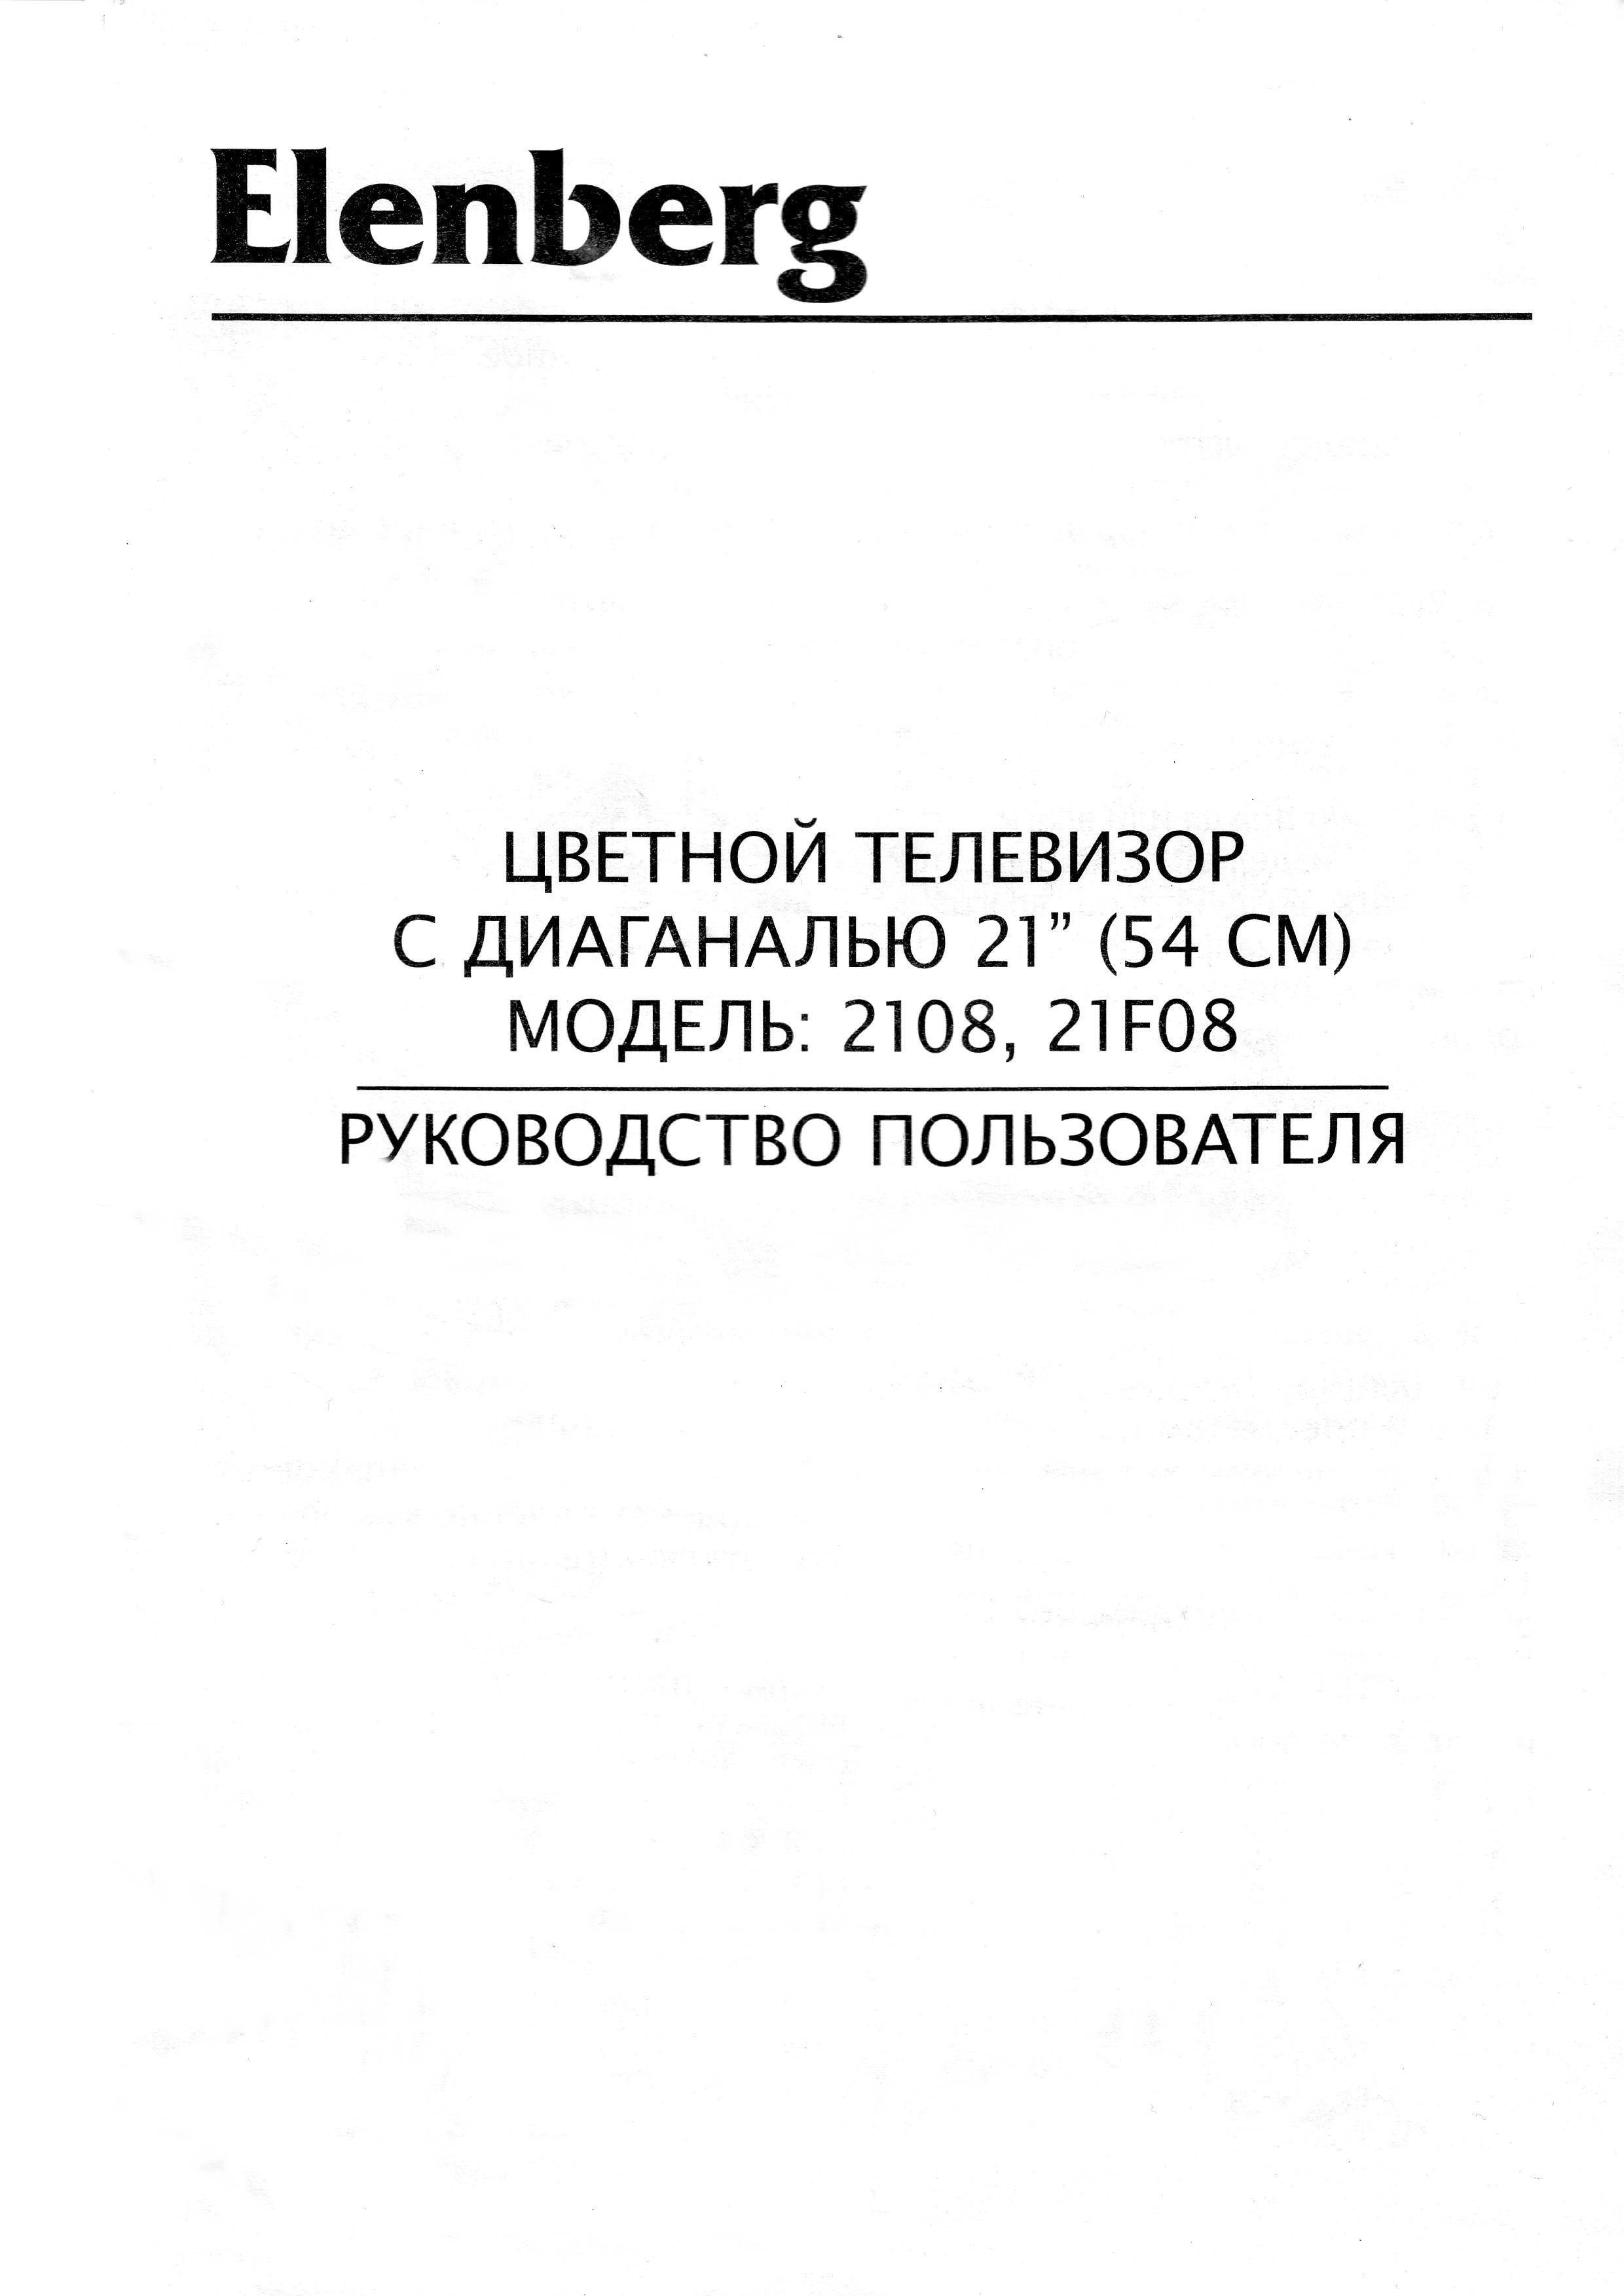 Телевизор эленберг инструкция